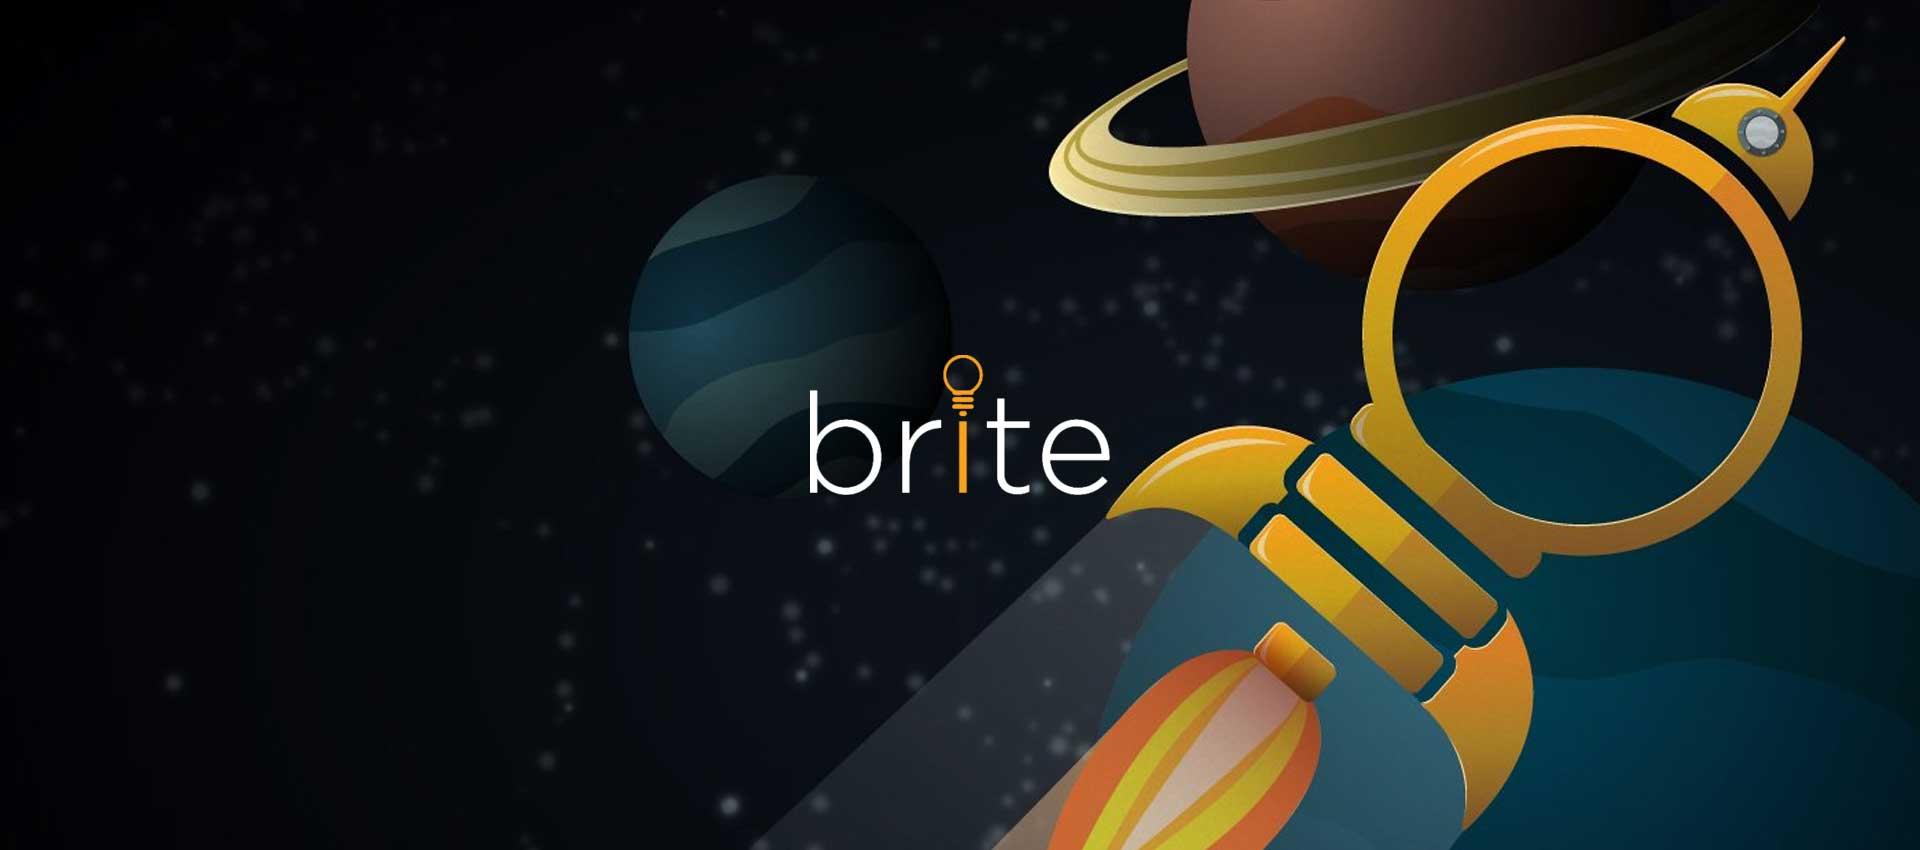 Brite Conference